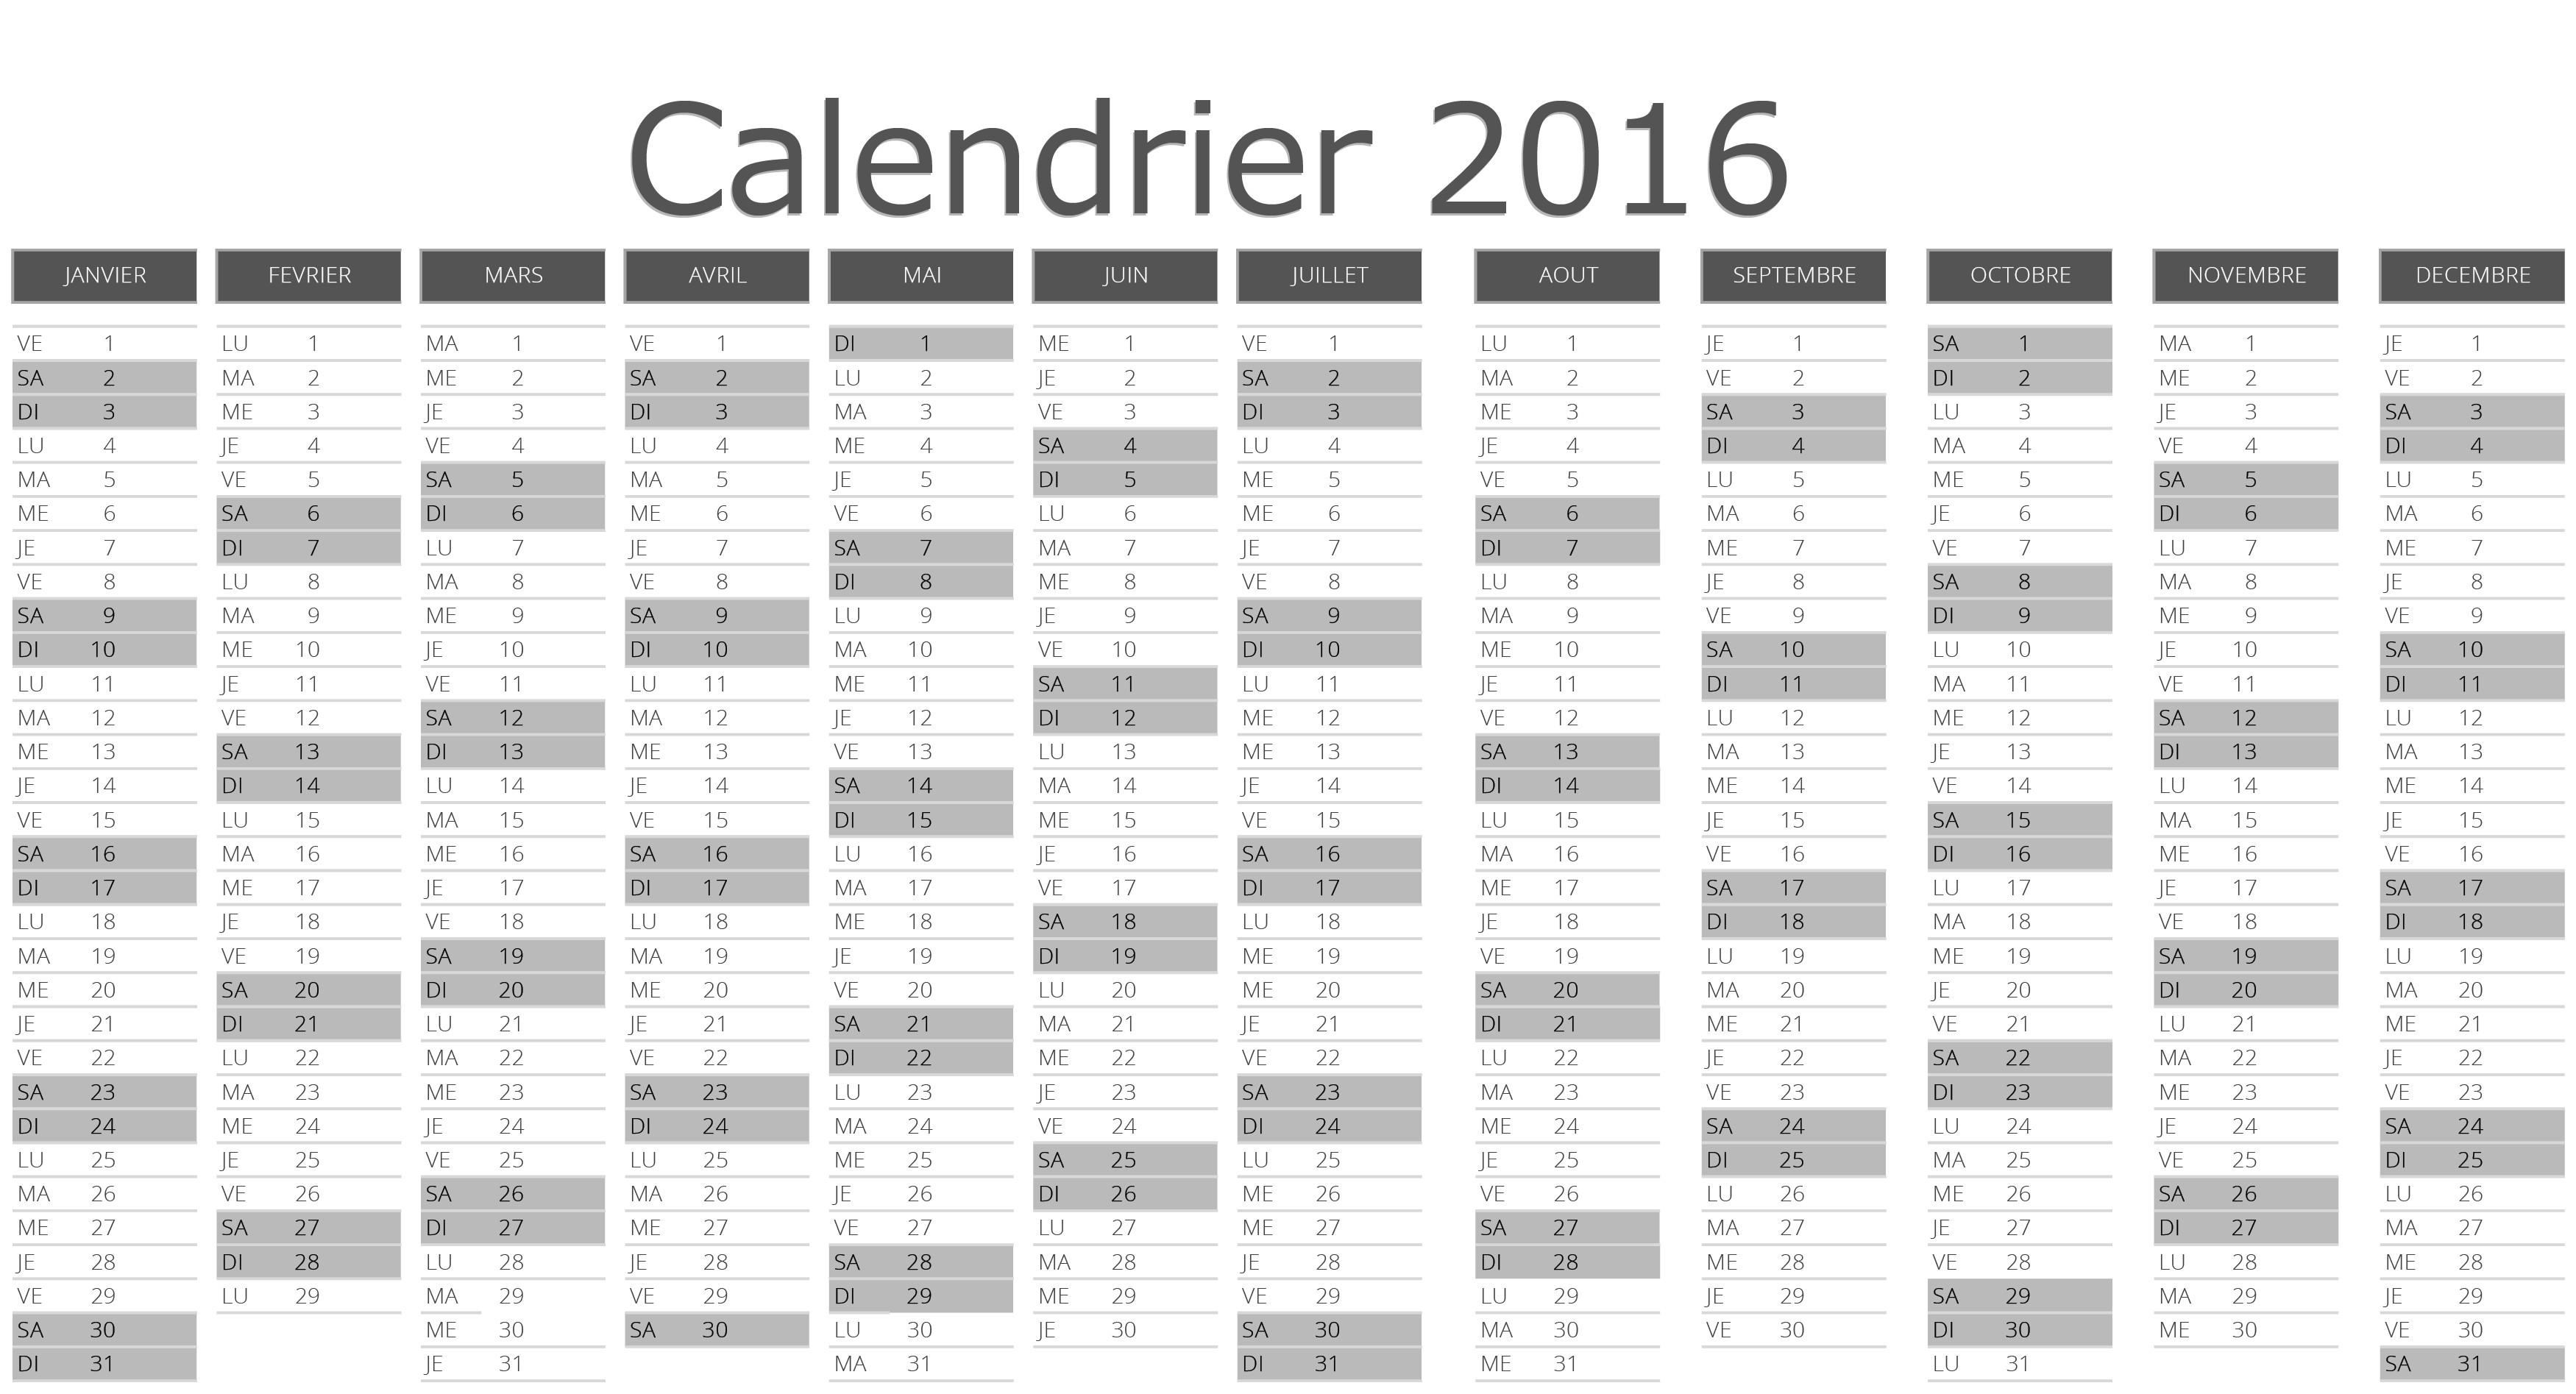 Calendario Febrero Marzo Abril 2019 Para Imprimir Más Reciente 2019 2018 Calendar Printable with Holidays List Kalender Kalendar Of Calendario Febrero Marzo Abril 2019 Para Imprimir Más Reciente Calaméo Papelera Idetec Estudio